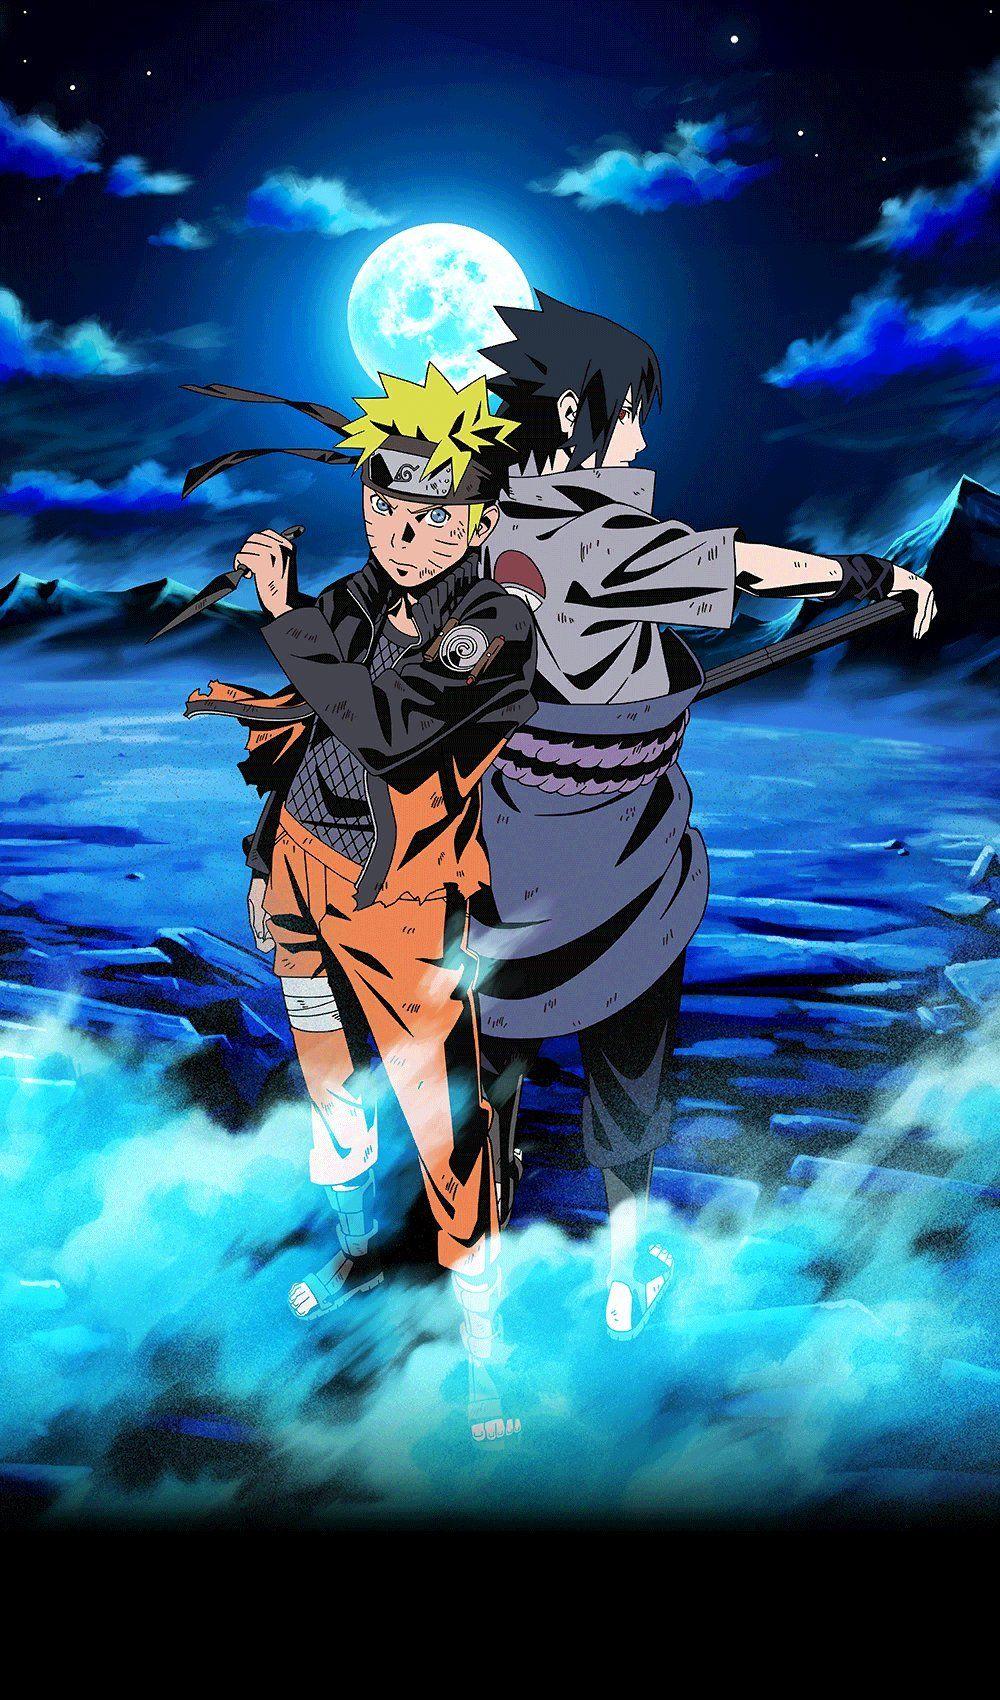 Pin By Nor Syafiqah On Naruto Naruto Dan Sasuke Naruto Shippuden Sasuke Naruto And Sasuke Wallpaper